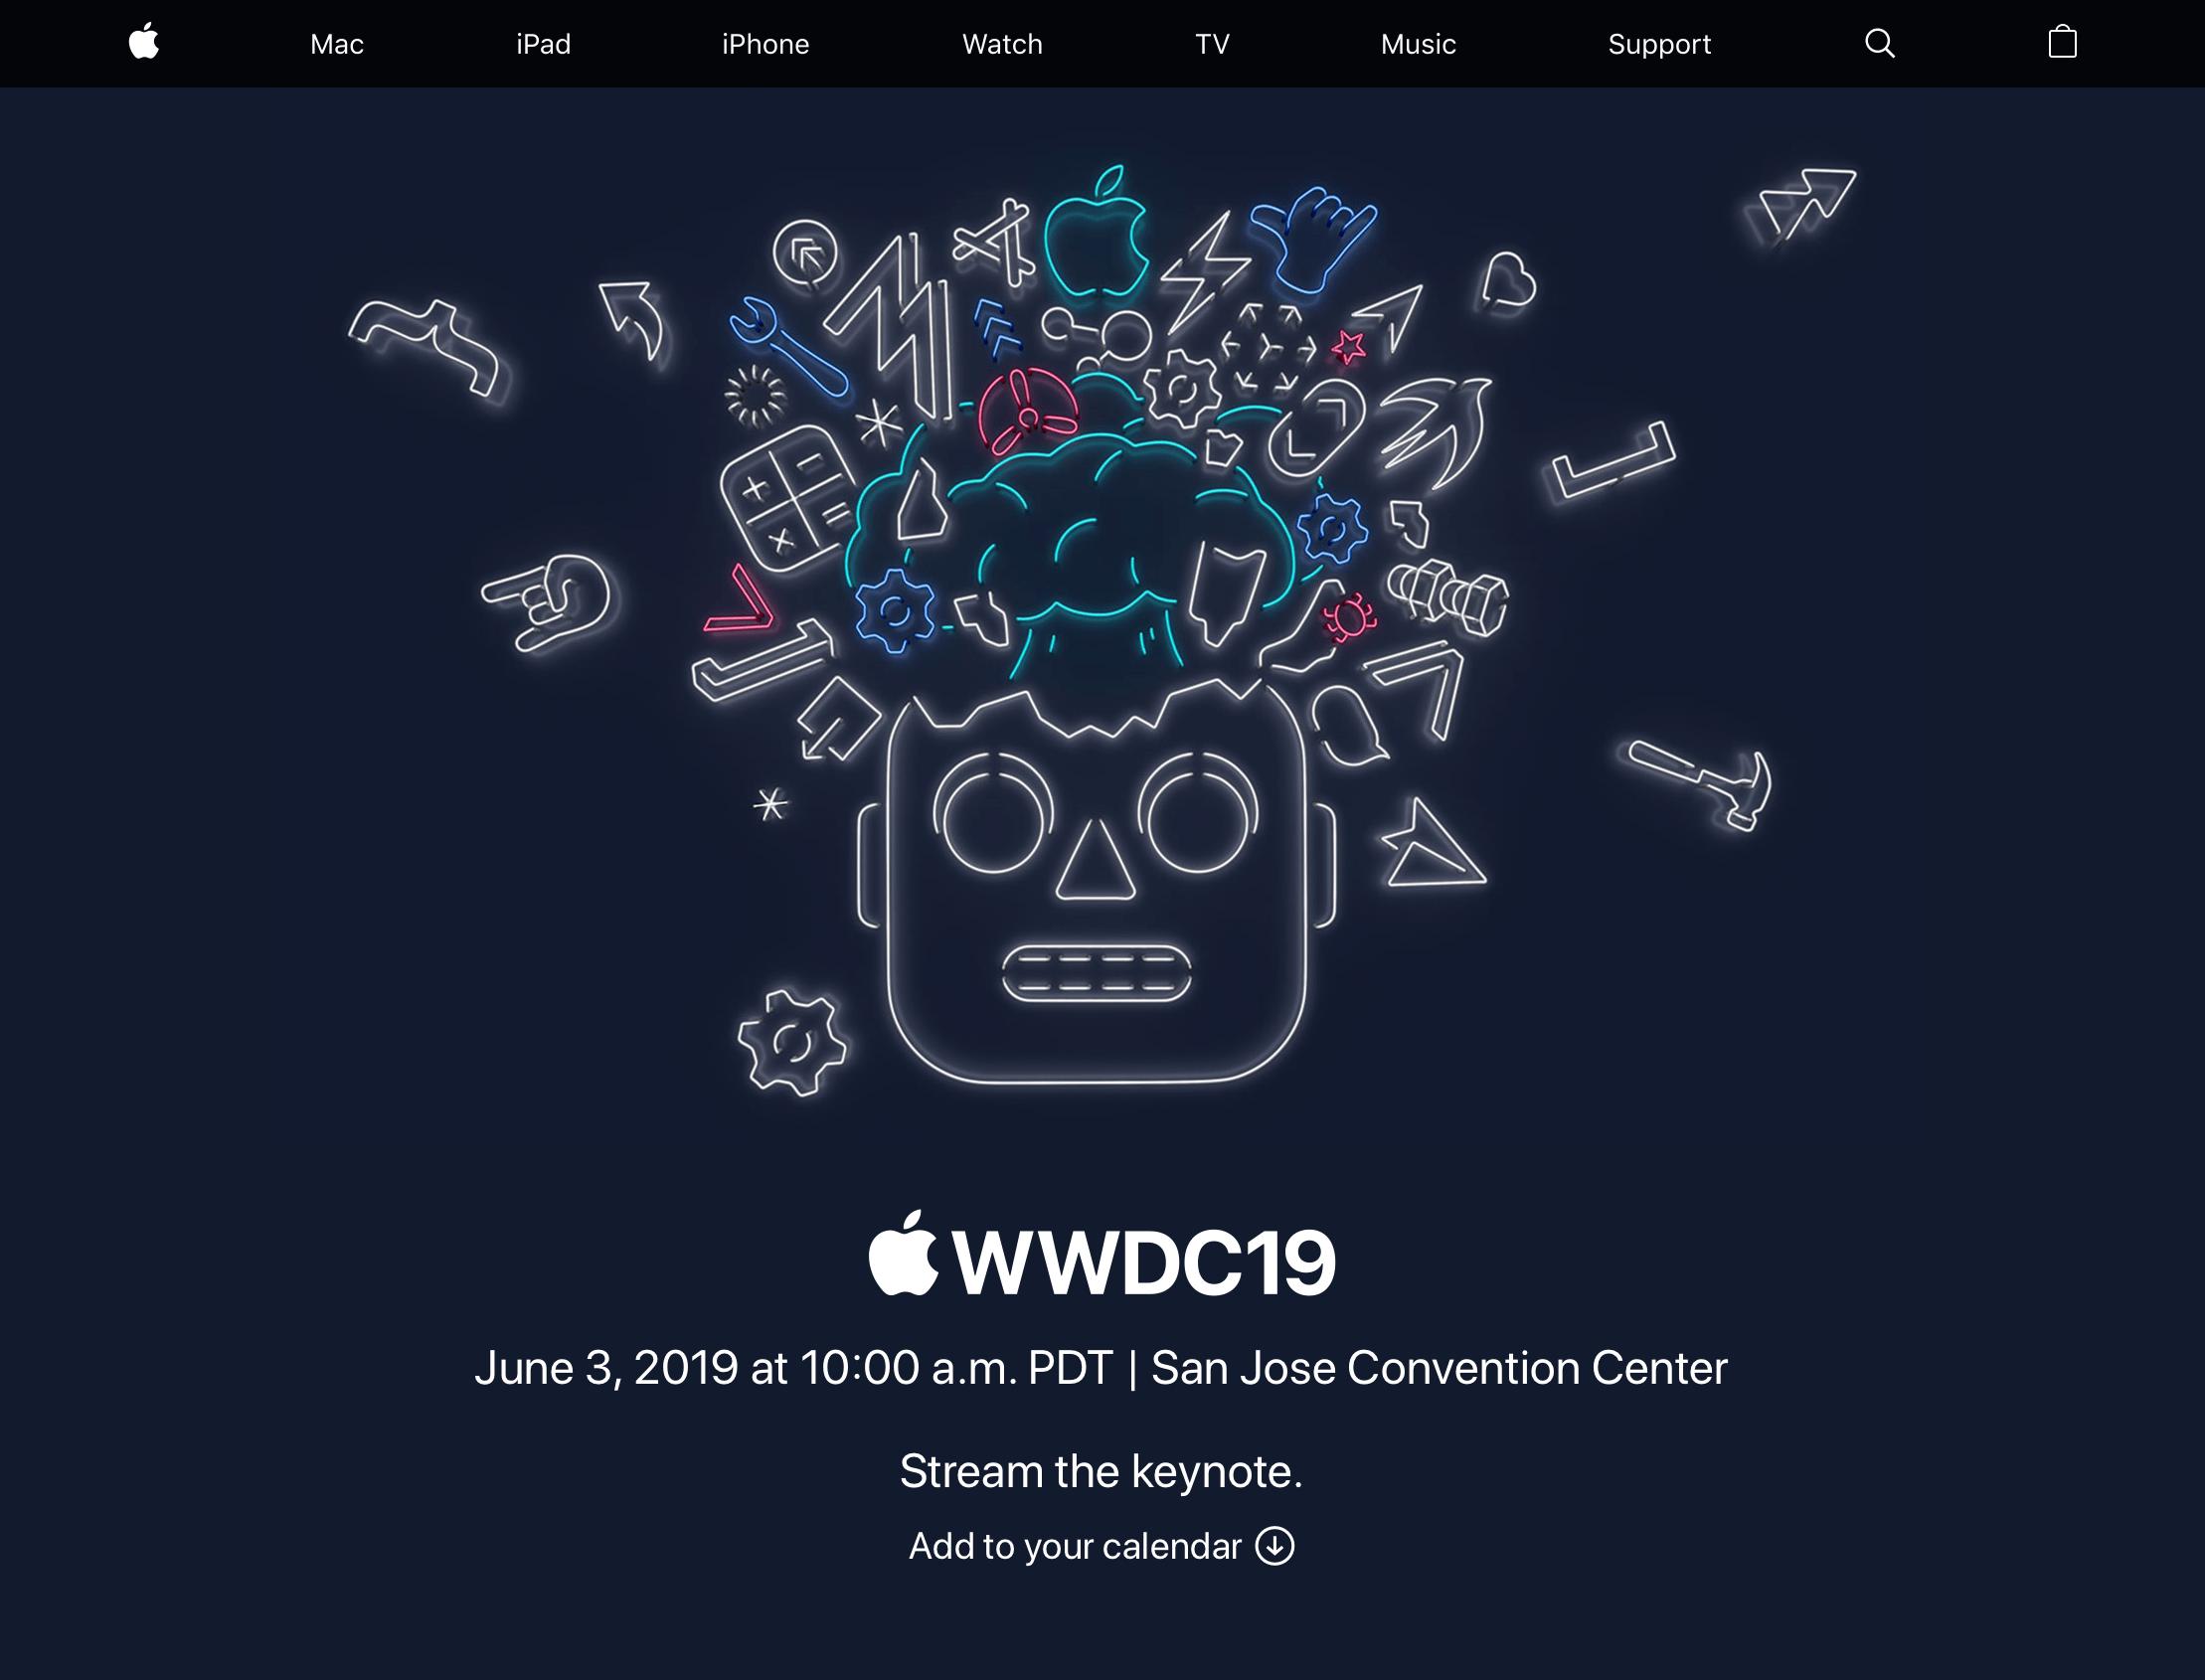 Página de transmissão de eventos da Apple com a WWDC19